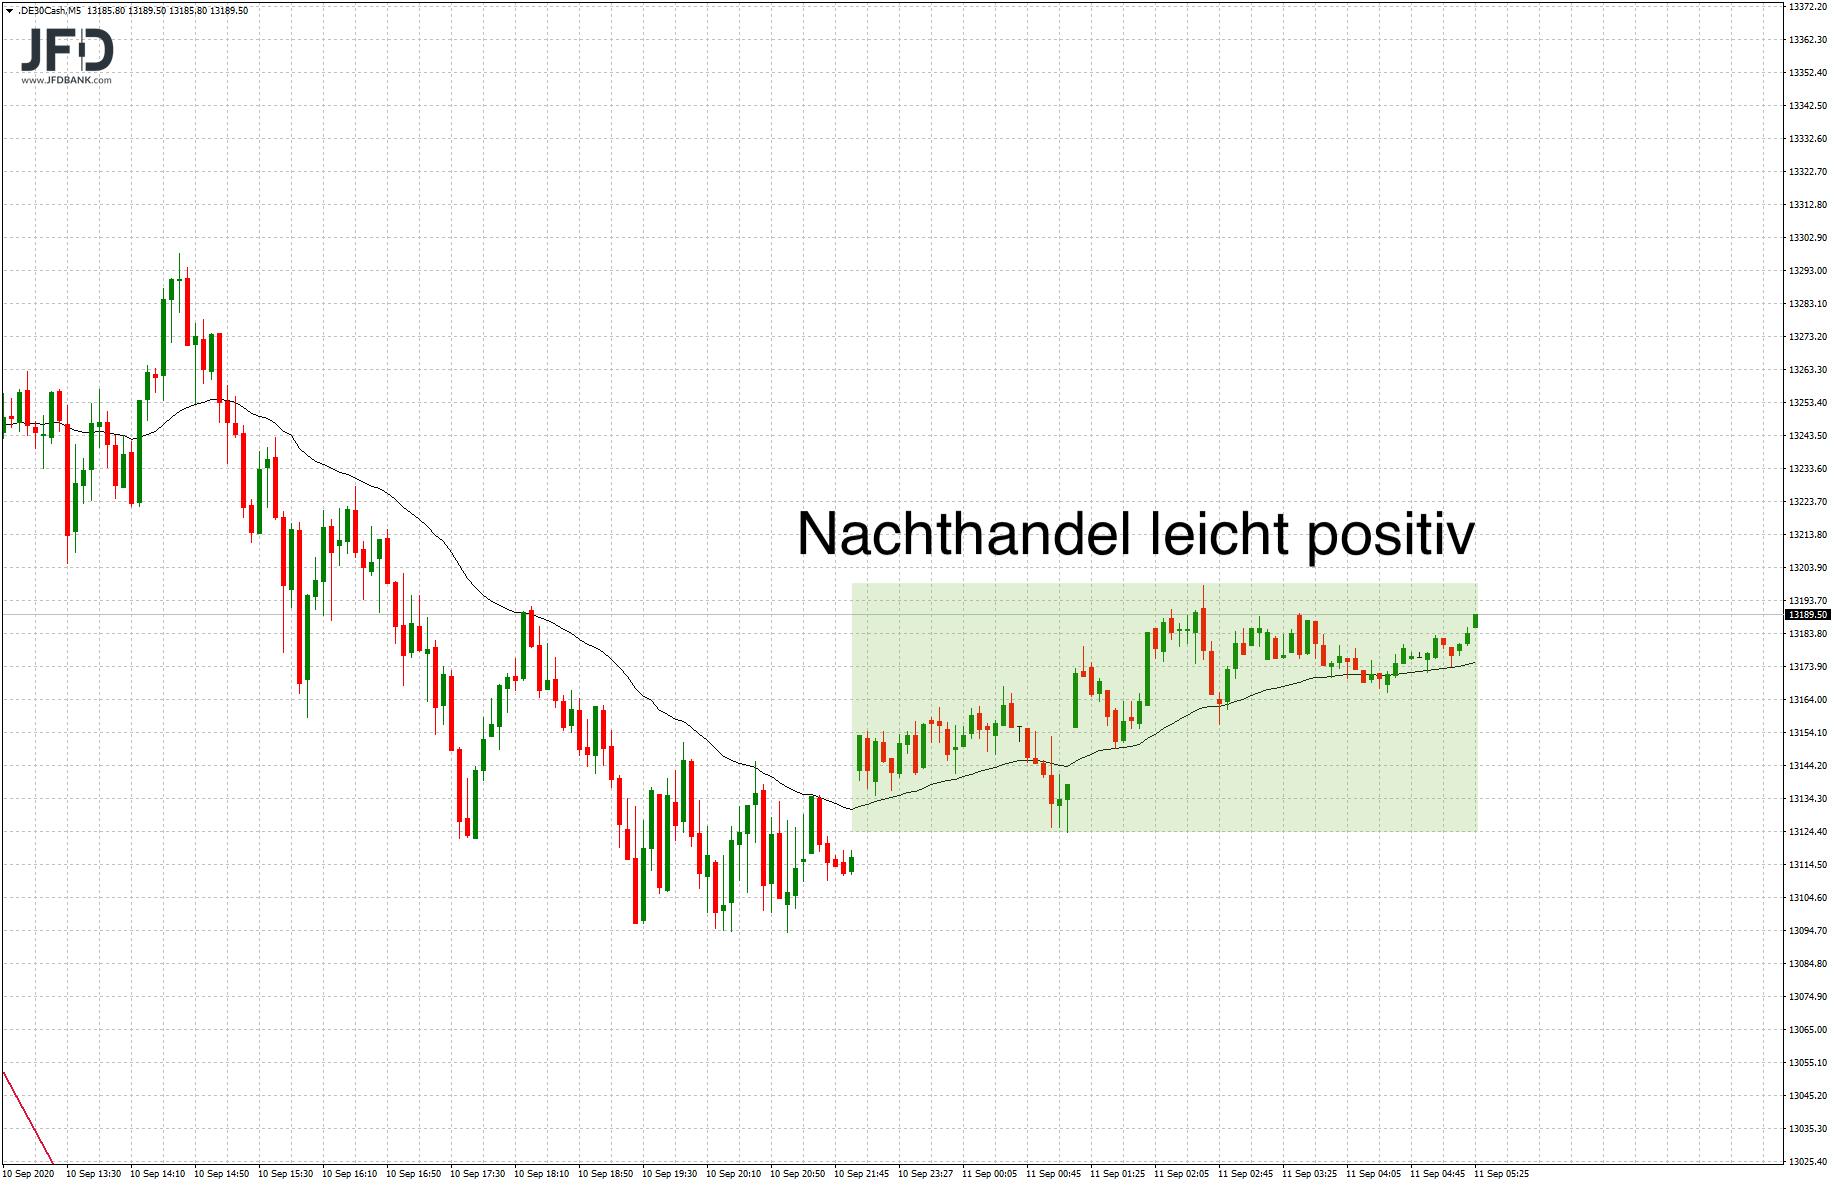 Keine-starke-Vola-am-EZB-Tag-Kommentar-JFD-Bank-GodmodeTrader.de-6